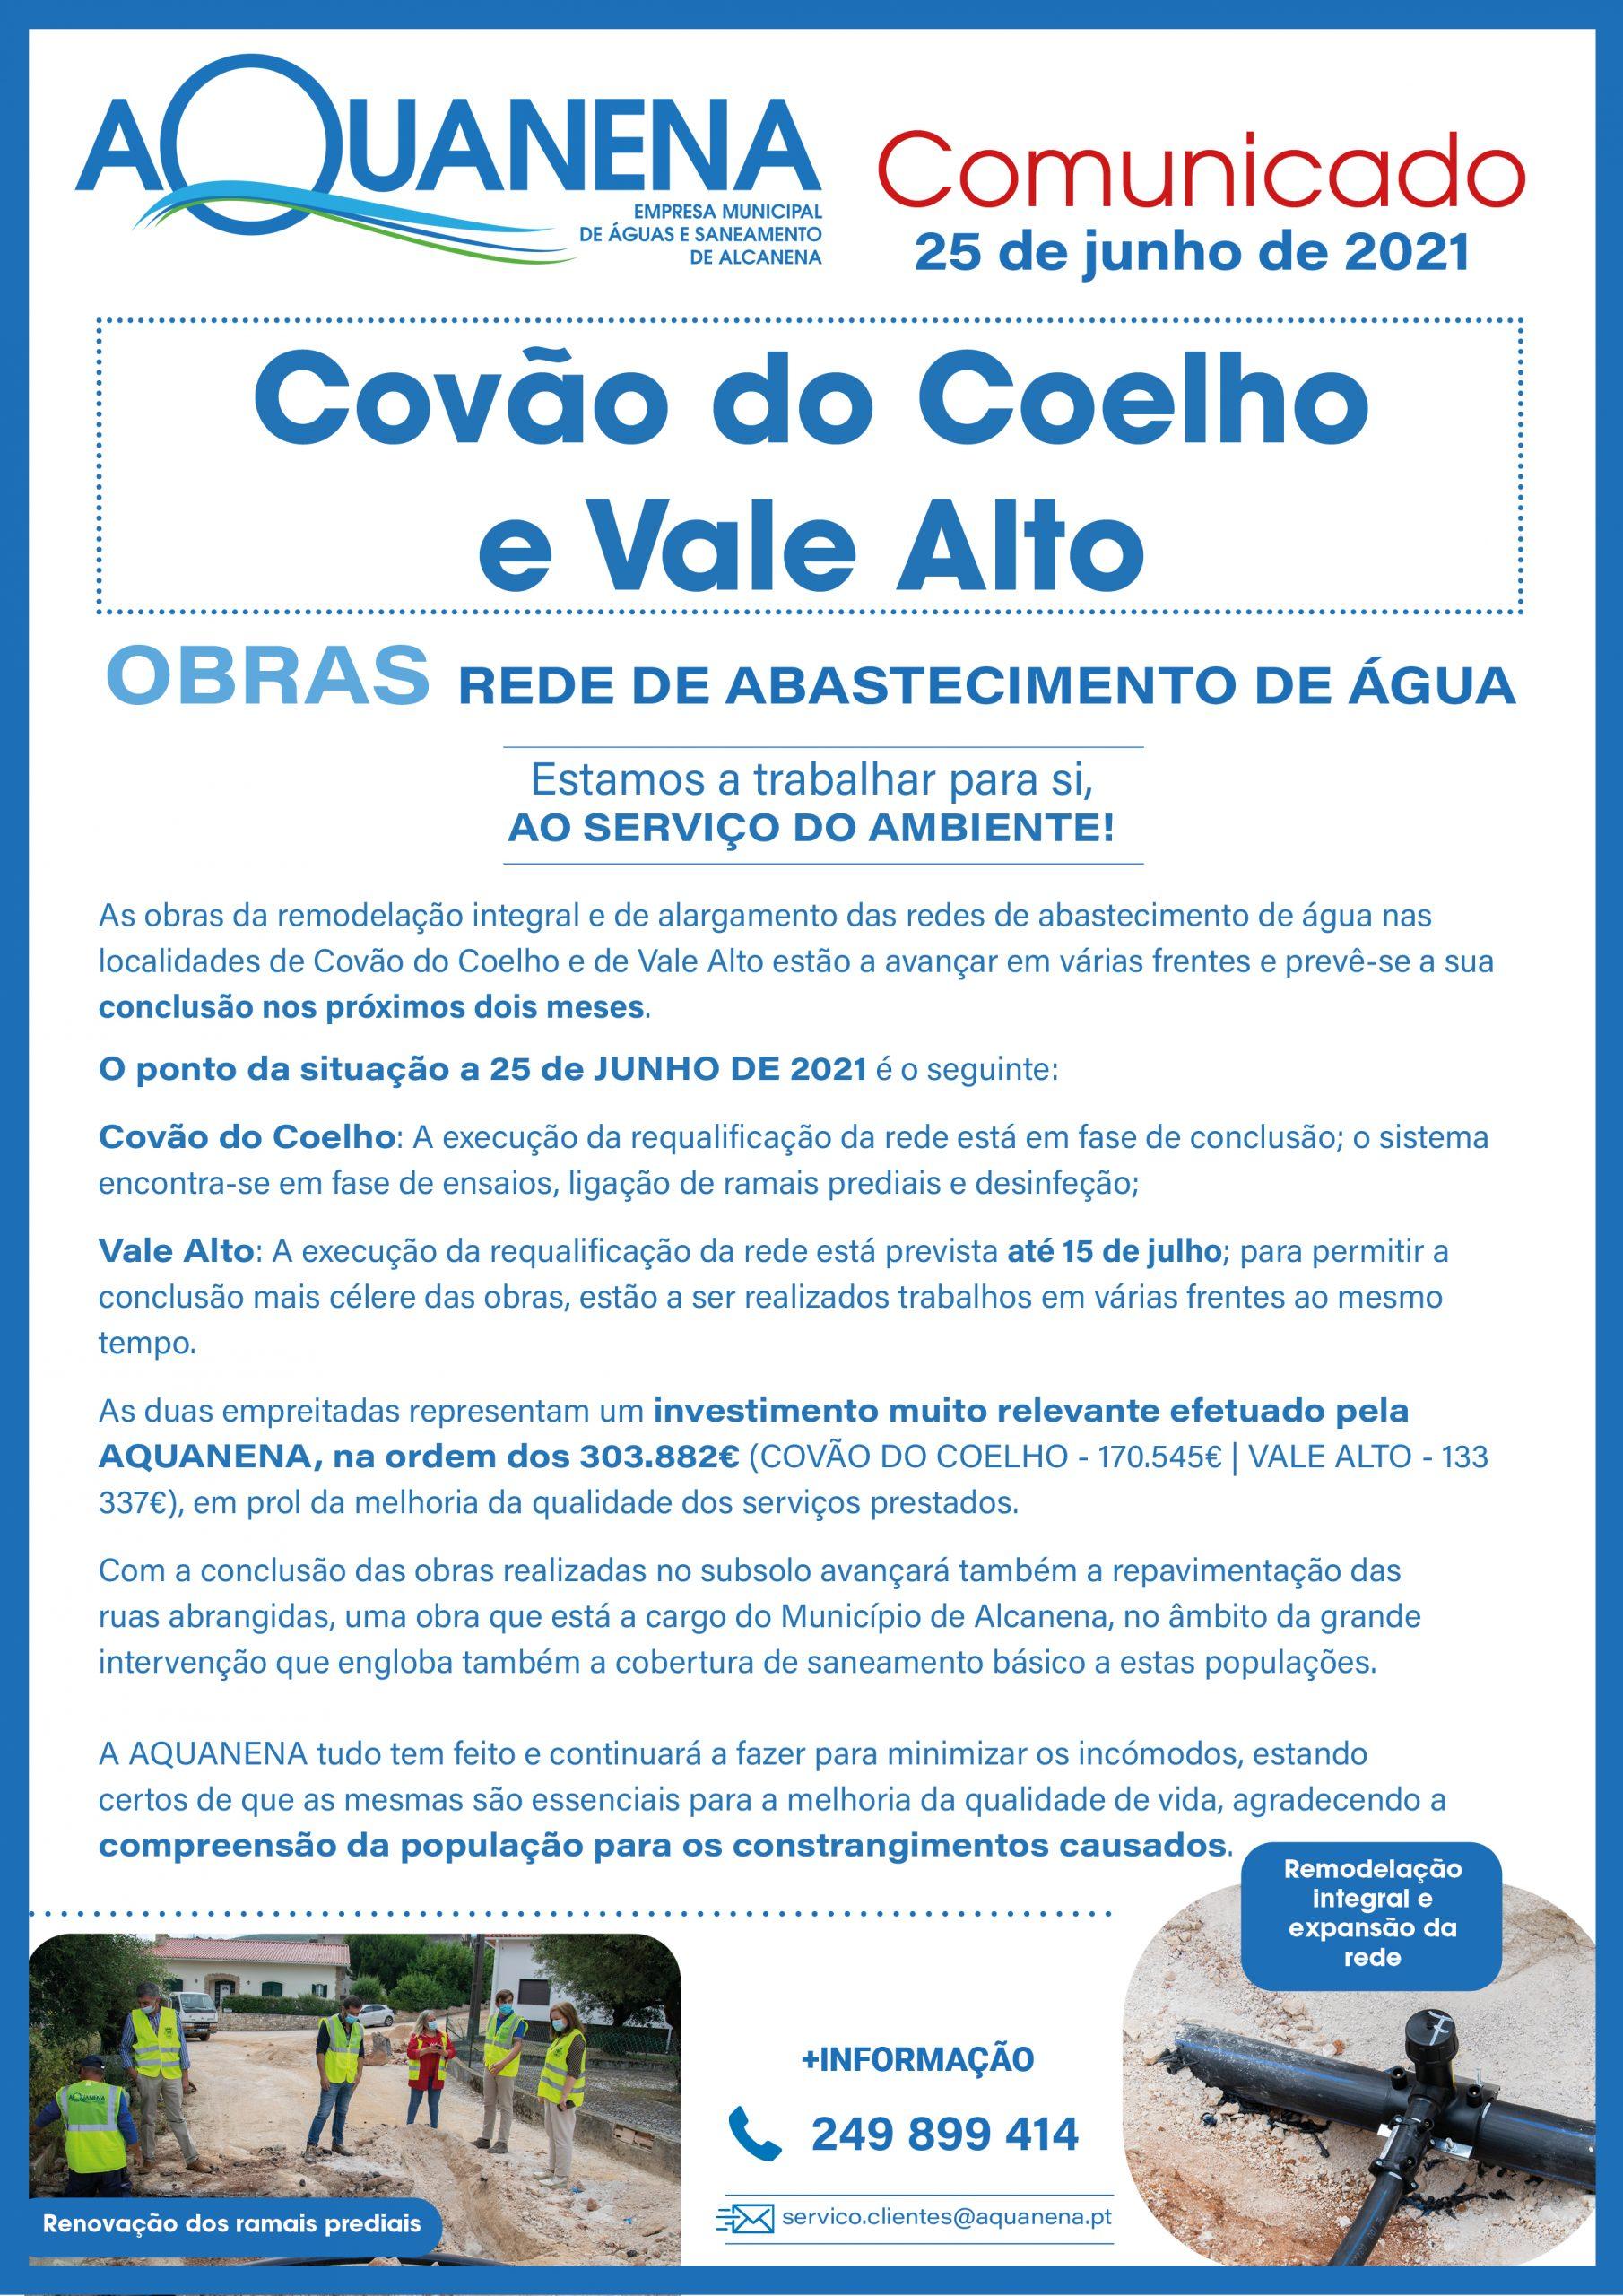 OBRAS   Rede de Abastecimento de Água Covão do Coelho e Vale Alto   PONTO DA SITUAÇÃO